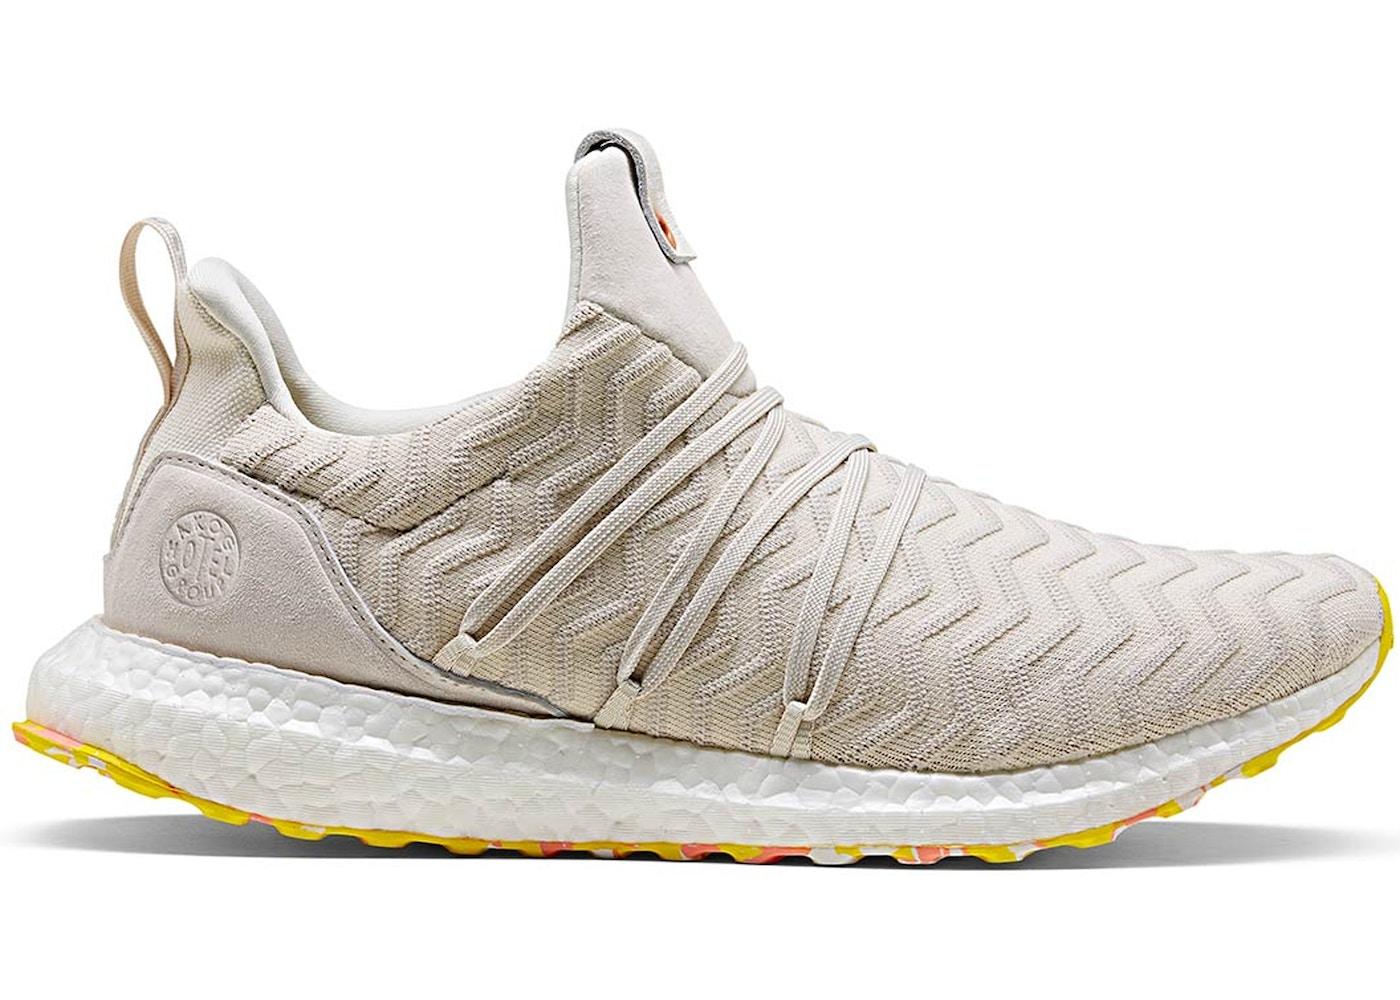 0277fa5b032eb adidas Ultra Boost Shoes - Volatility